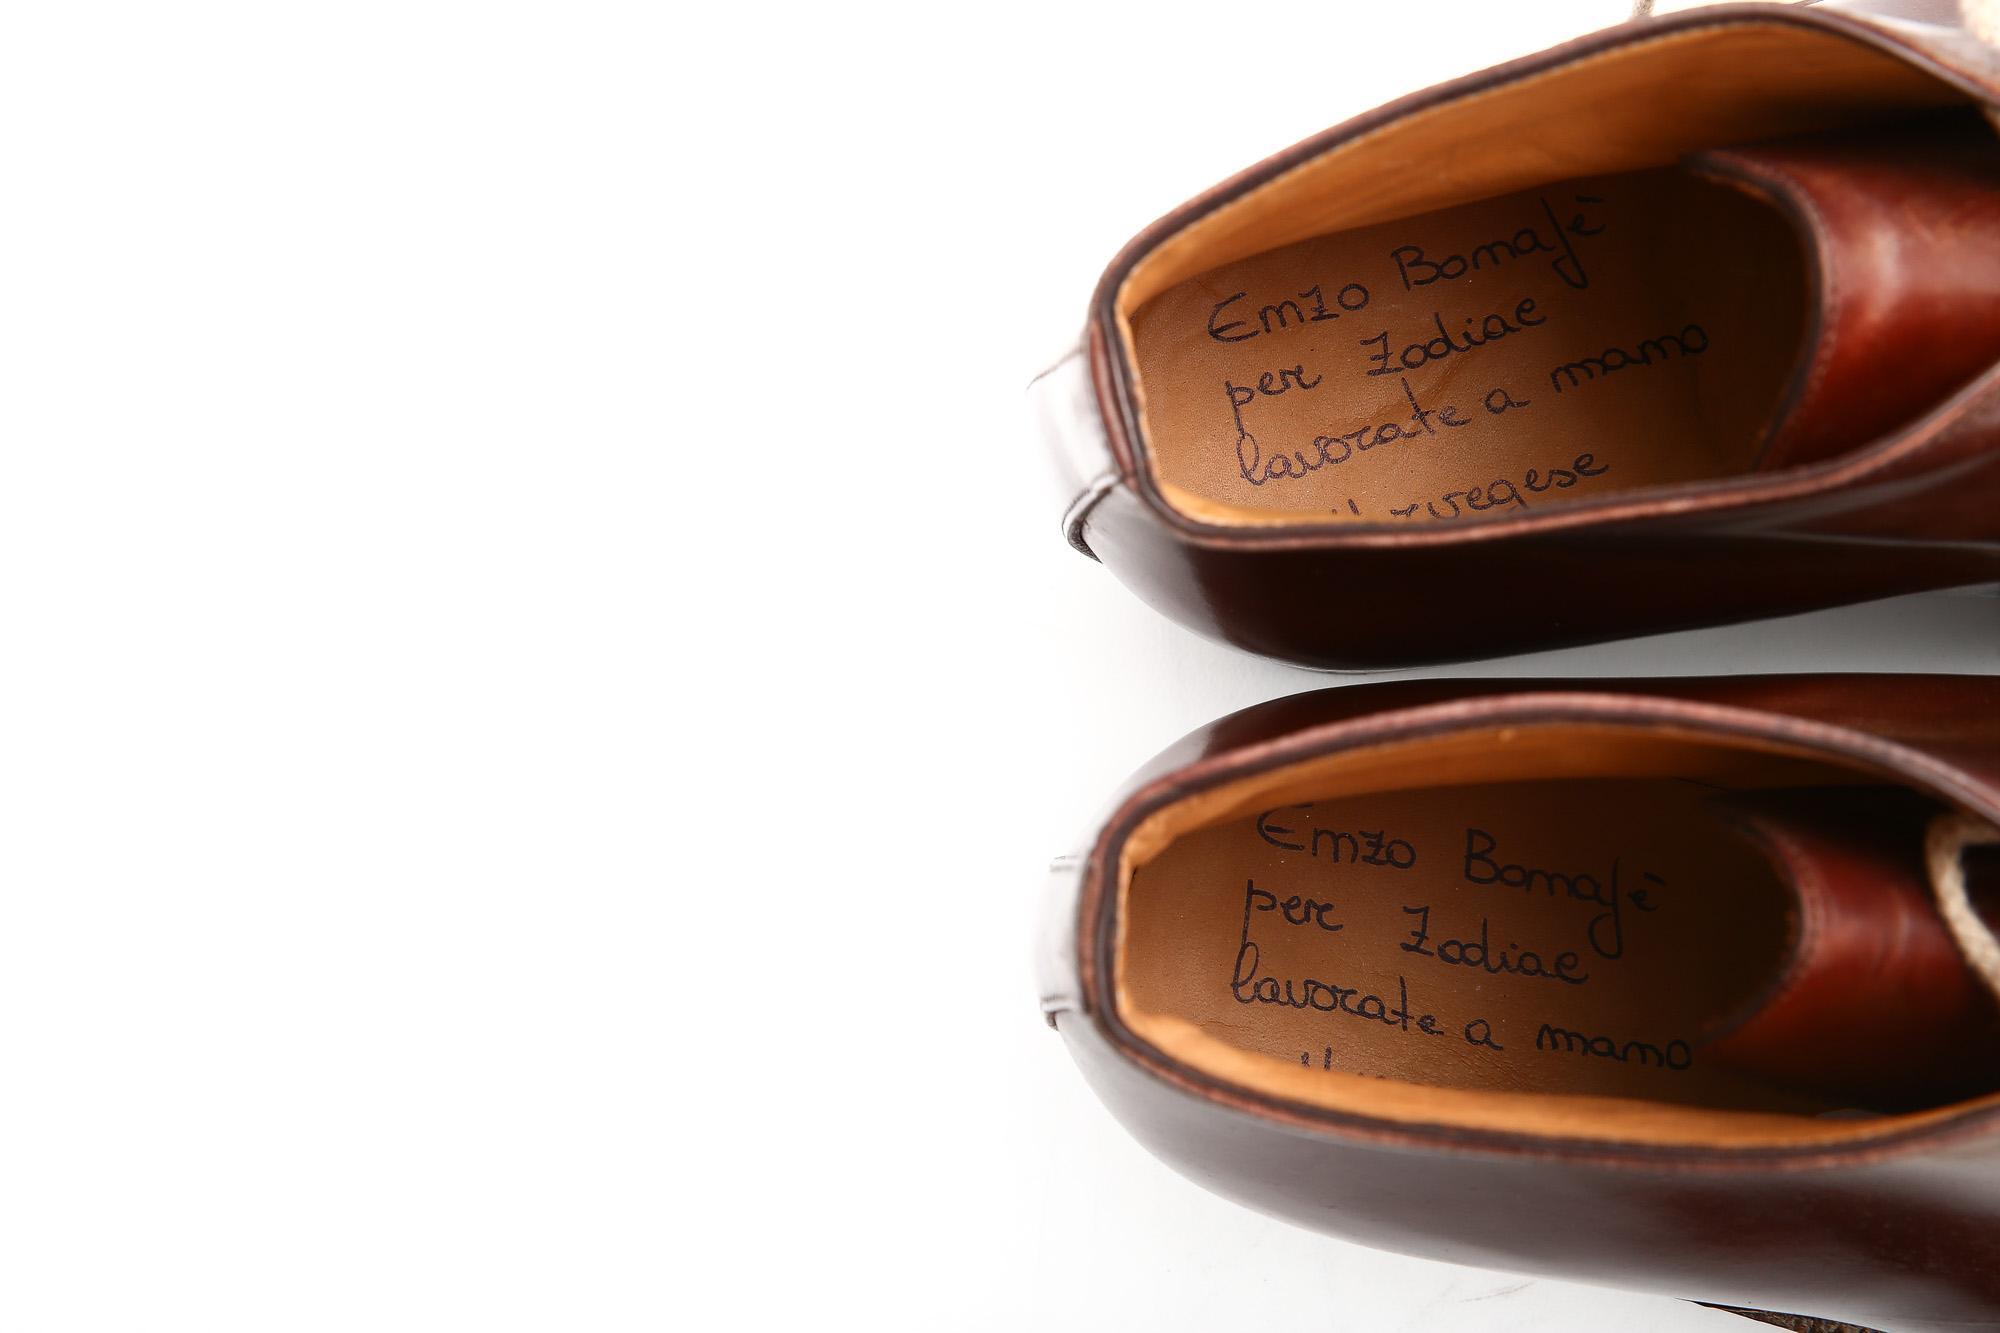 【ENZO BONAFE  / エンツォボナフェ】 ART.3722 Chukka boots チャッカブーツ Horween Shell Cordovan Leather ホーウィン社 シェルコードバンレザー 【ノルベジェーゼ製法】 チャッカブーツ コードバンブーツ 【No.4】  made in italy (イタリア製) 2017 秋冬新作  愛知 名古屋 Alto e Diritto アルト エ デリット エンツォボナフェ コードバン チャッカ enzobonafe コードヴァン